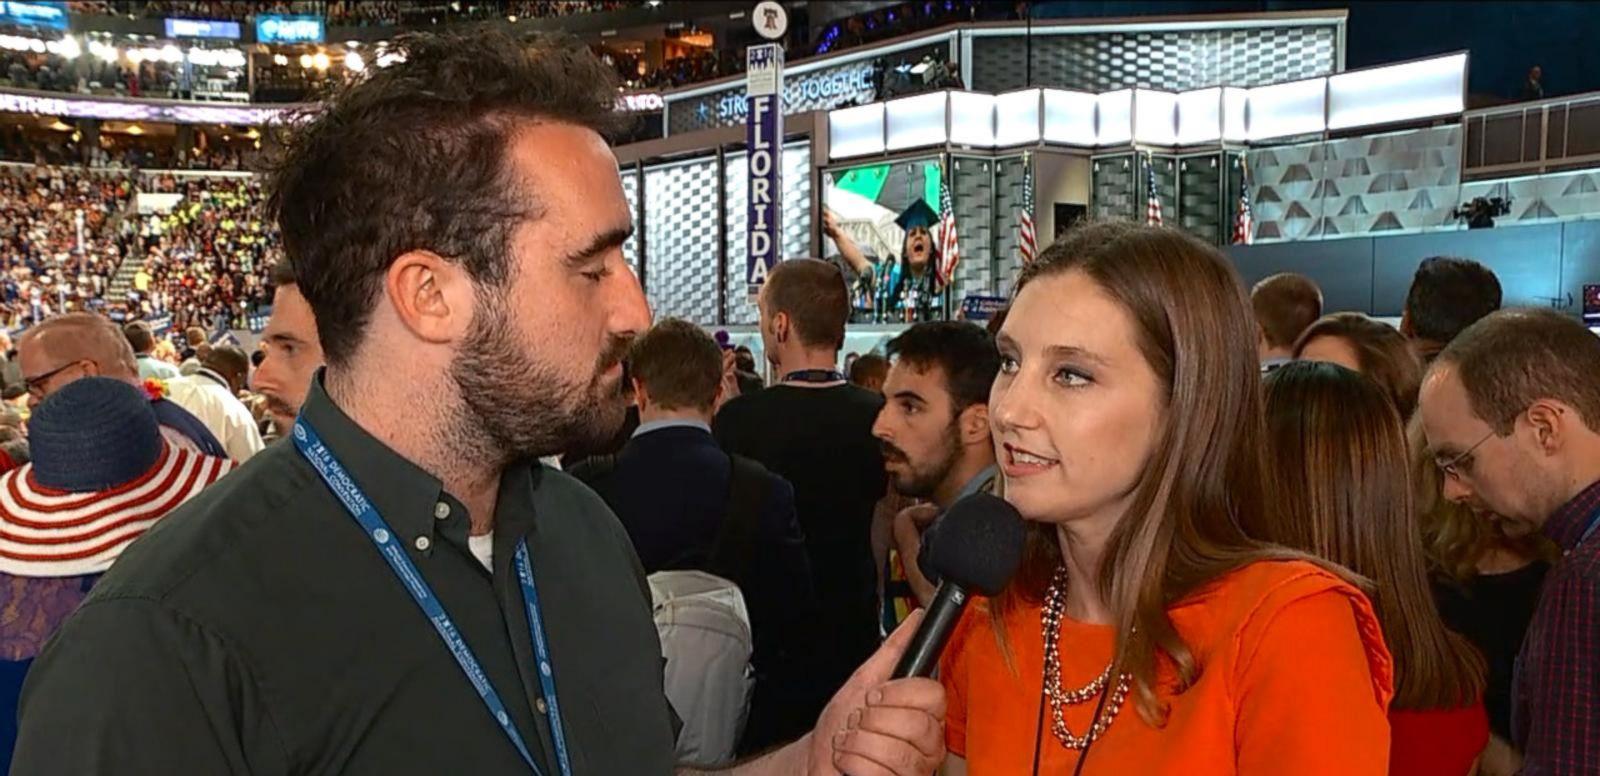 VIDEO: Will Millennials Stand Behind Clinton?